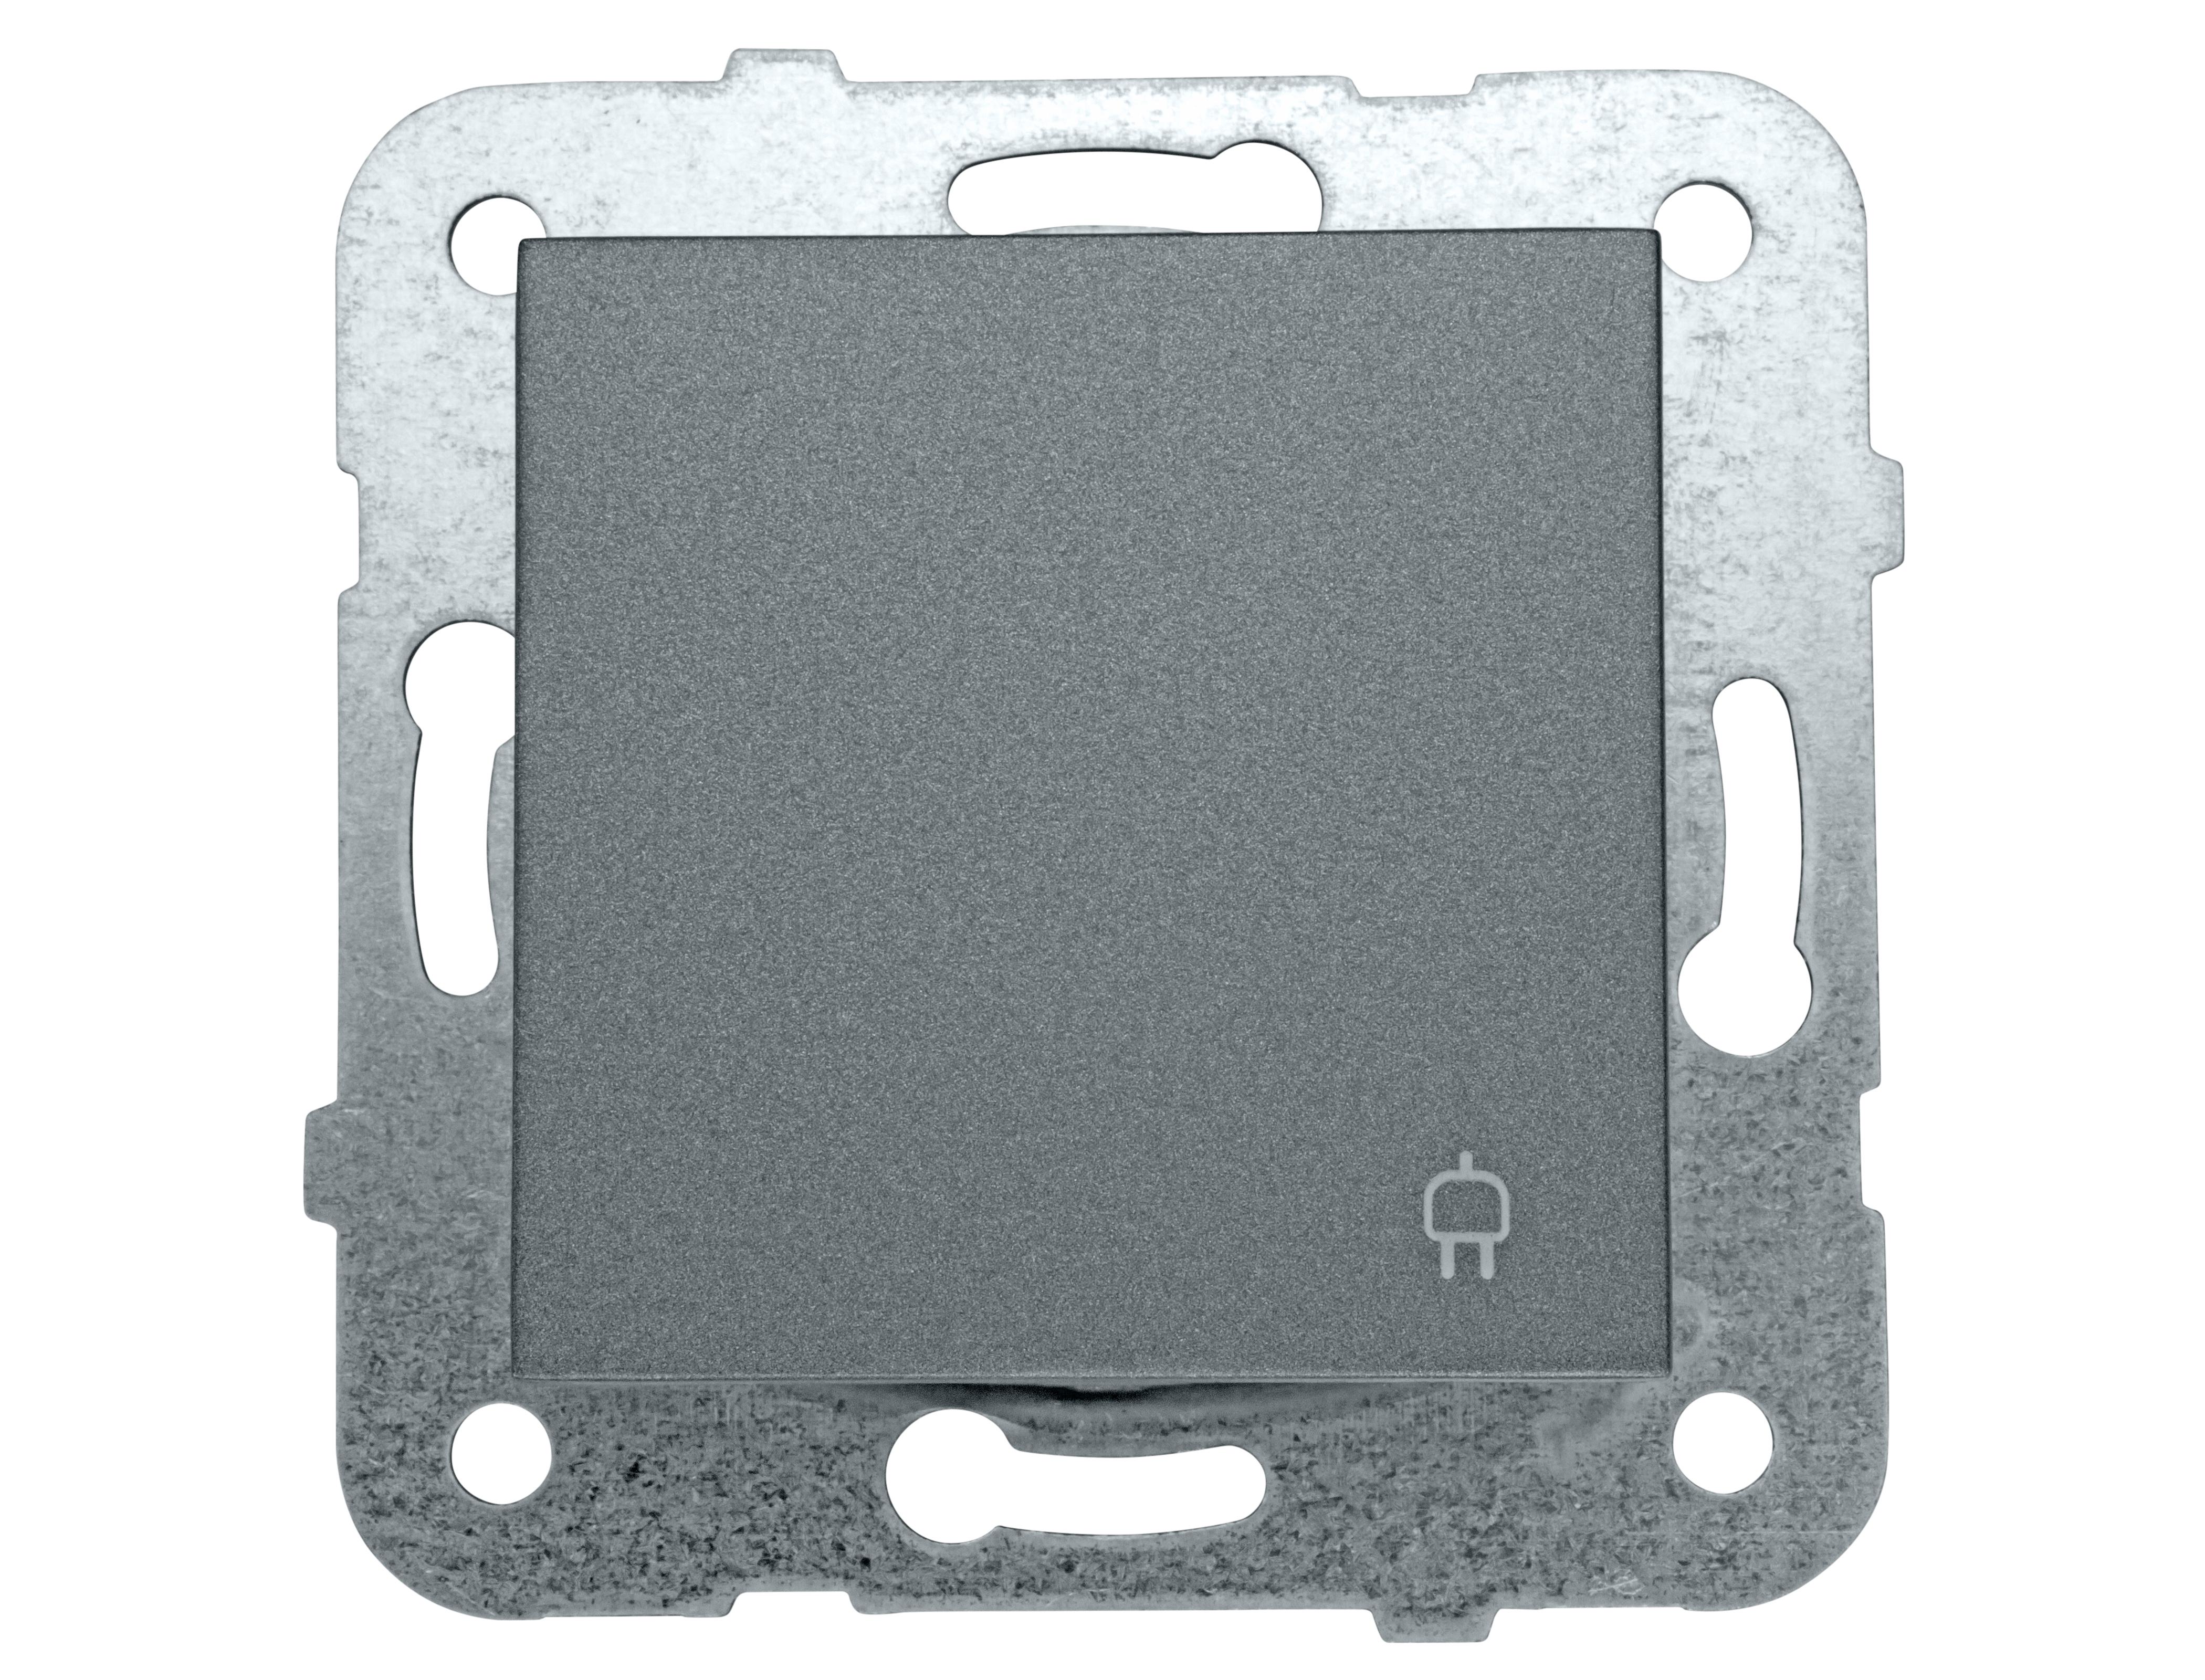 1 Stk Steckdose, erhöhter Berührungsschutz, Klappdeckel, Schraubkl EV111006--